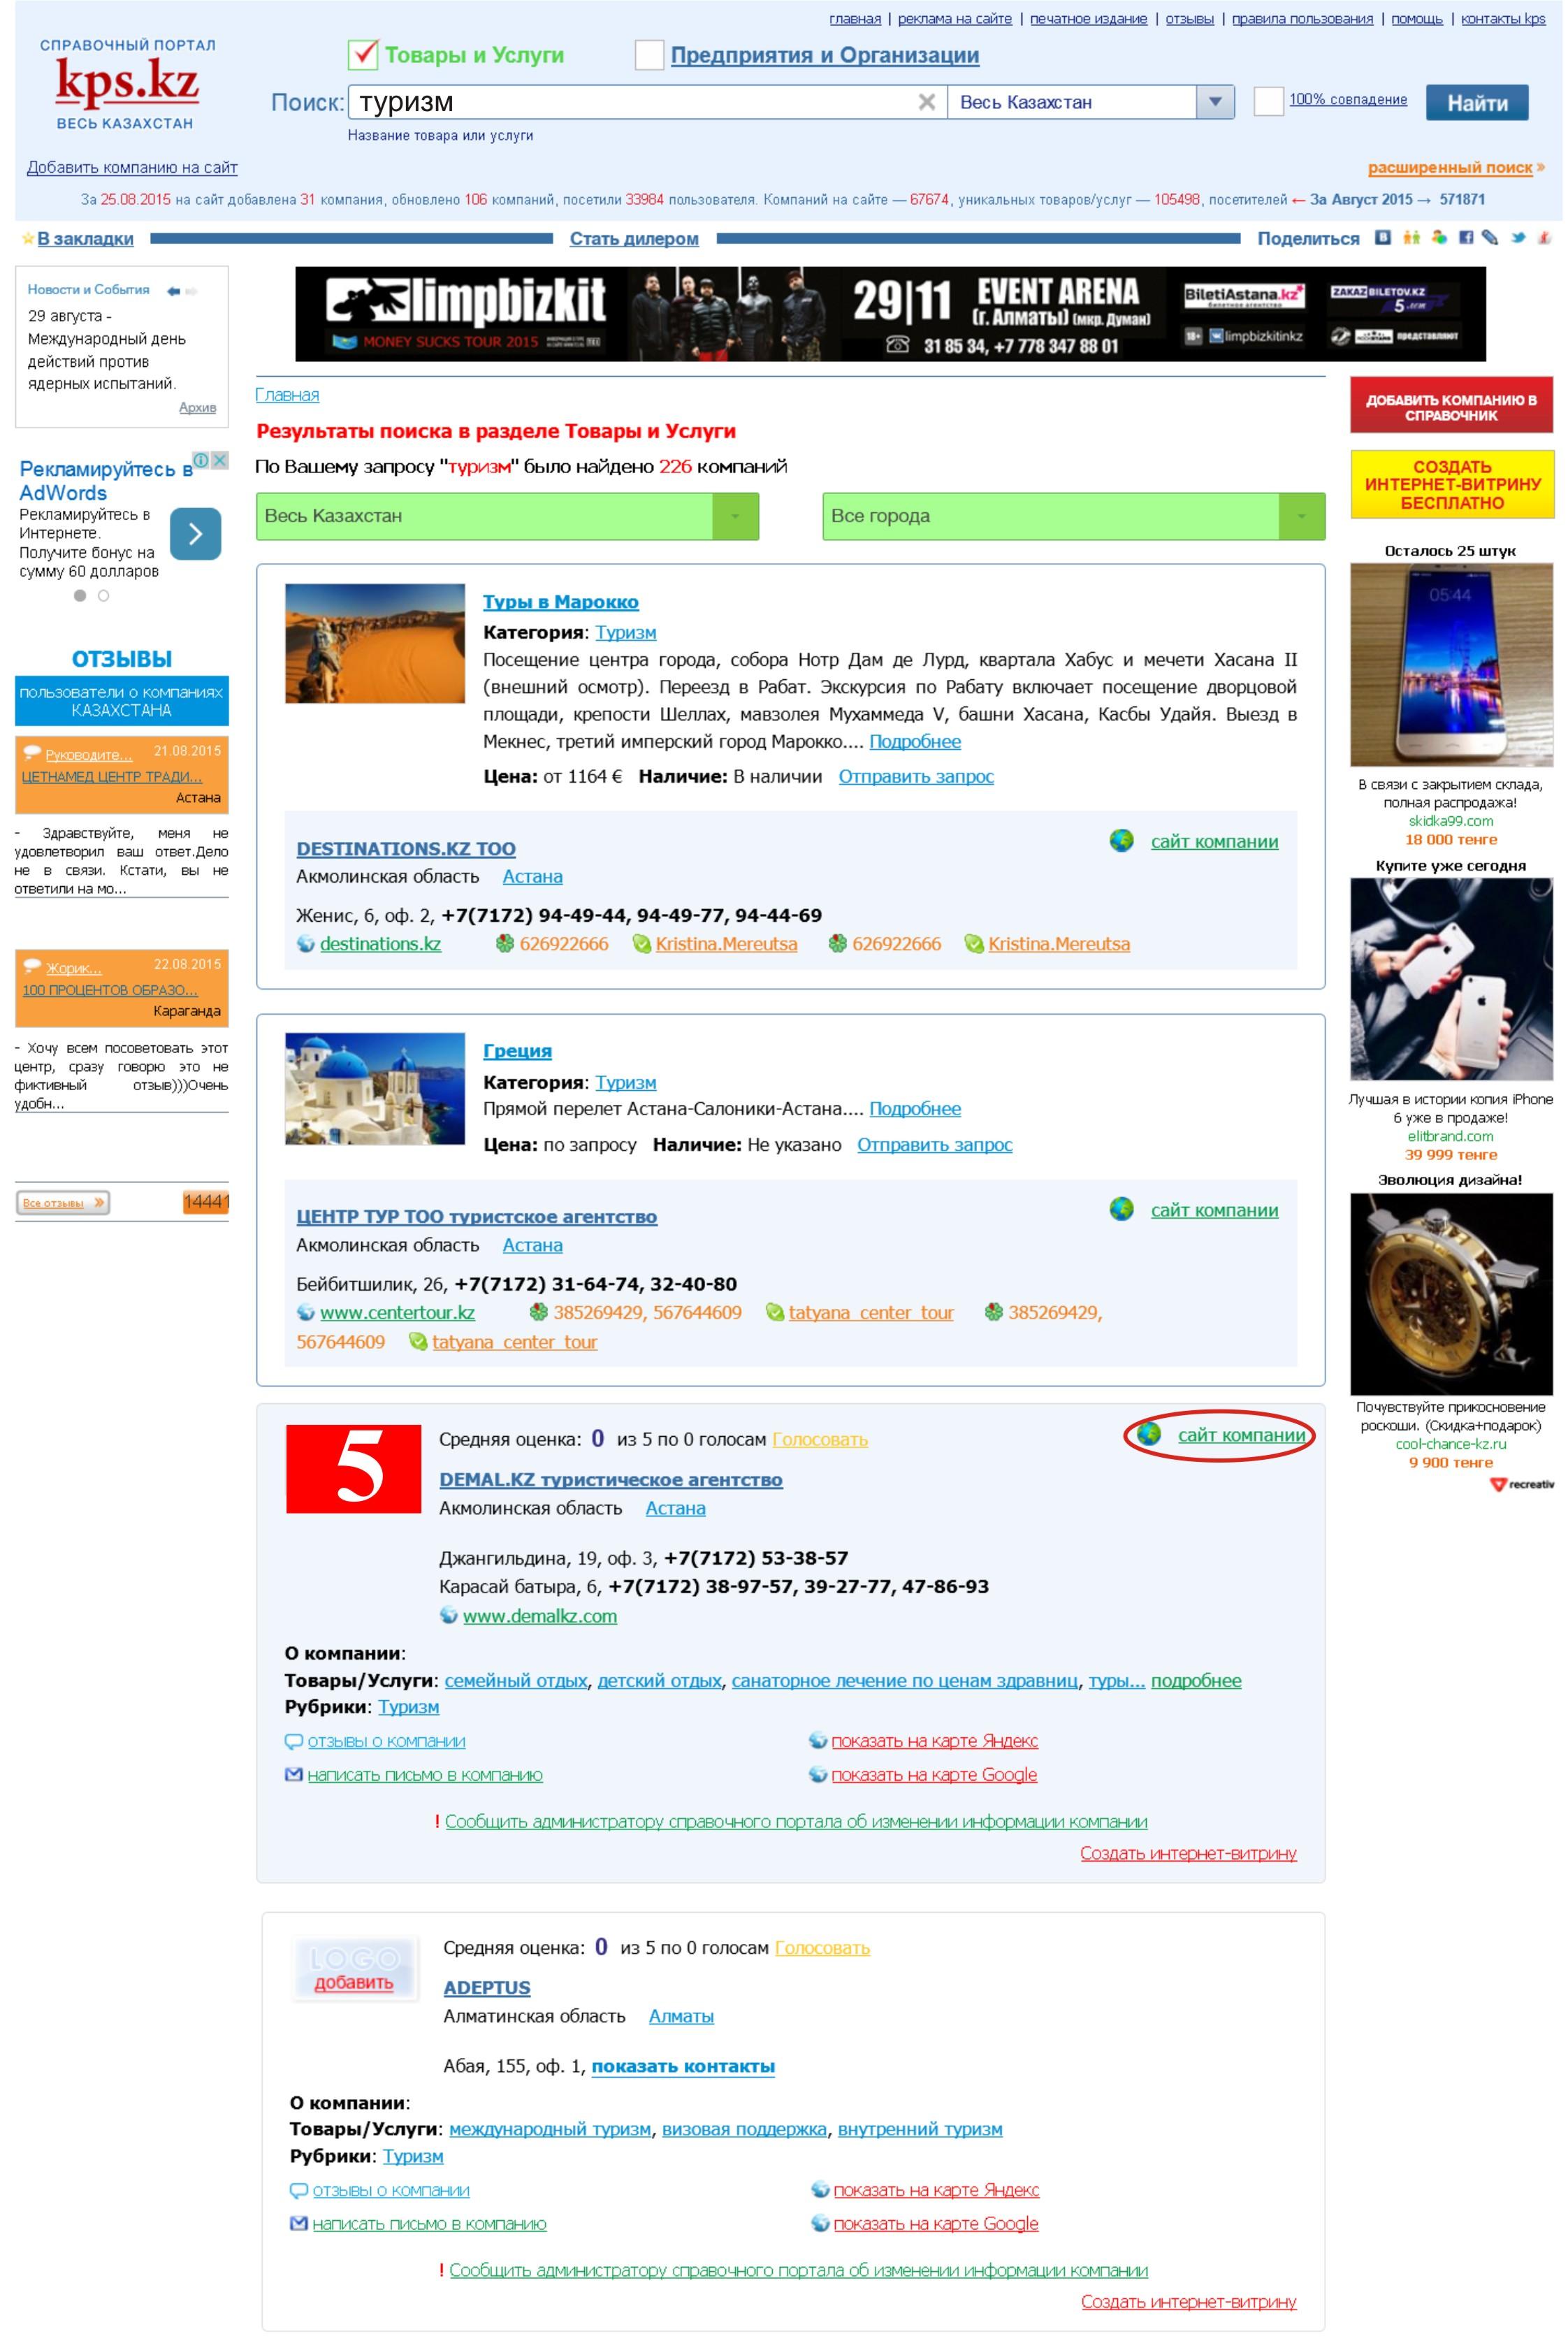 Добавить сайт компании в казахстане сайт компании for my dogs